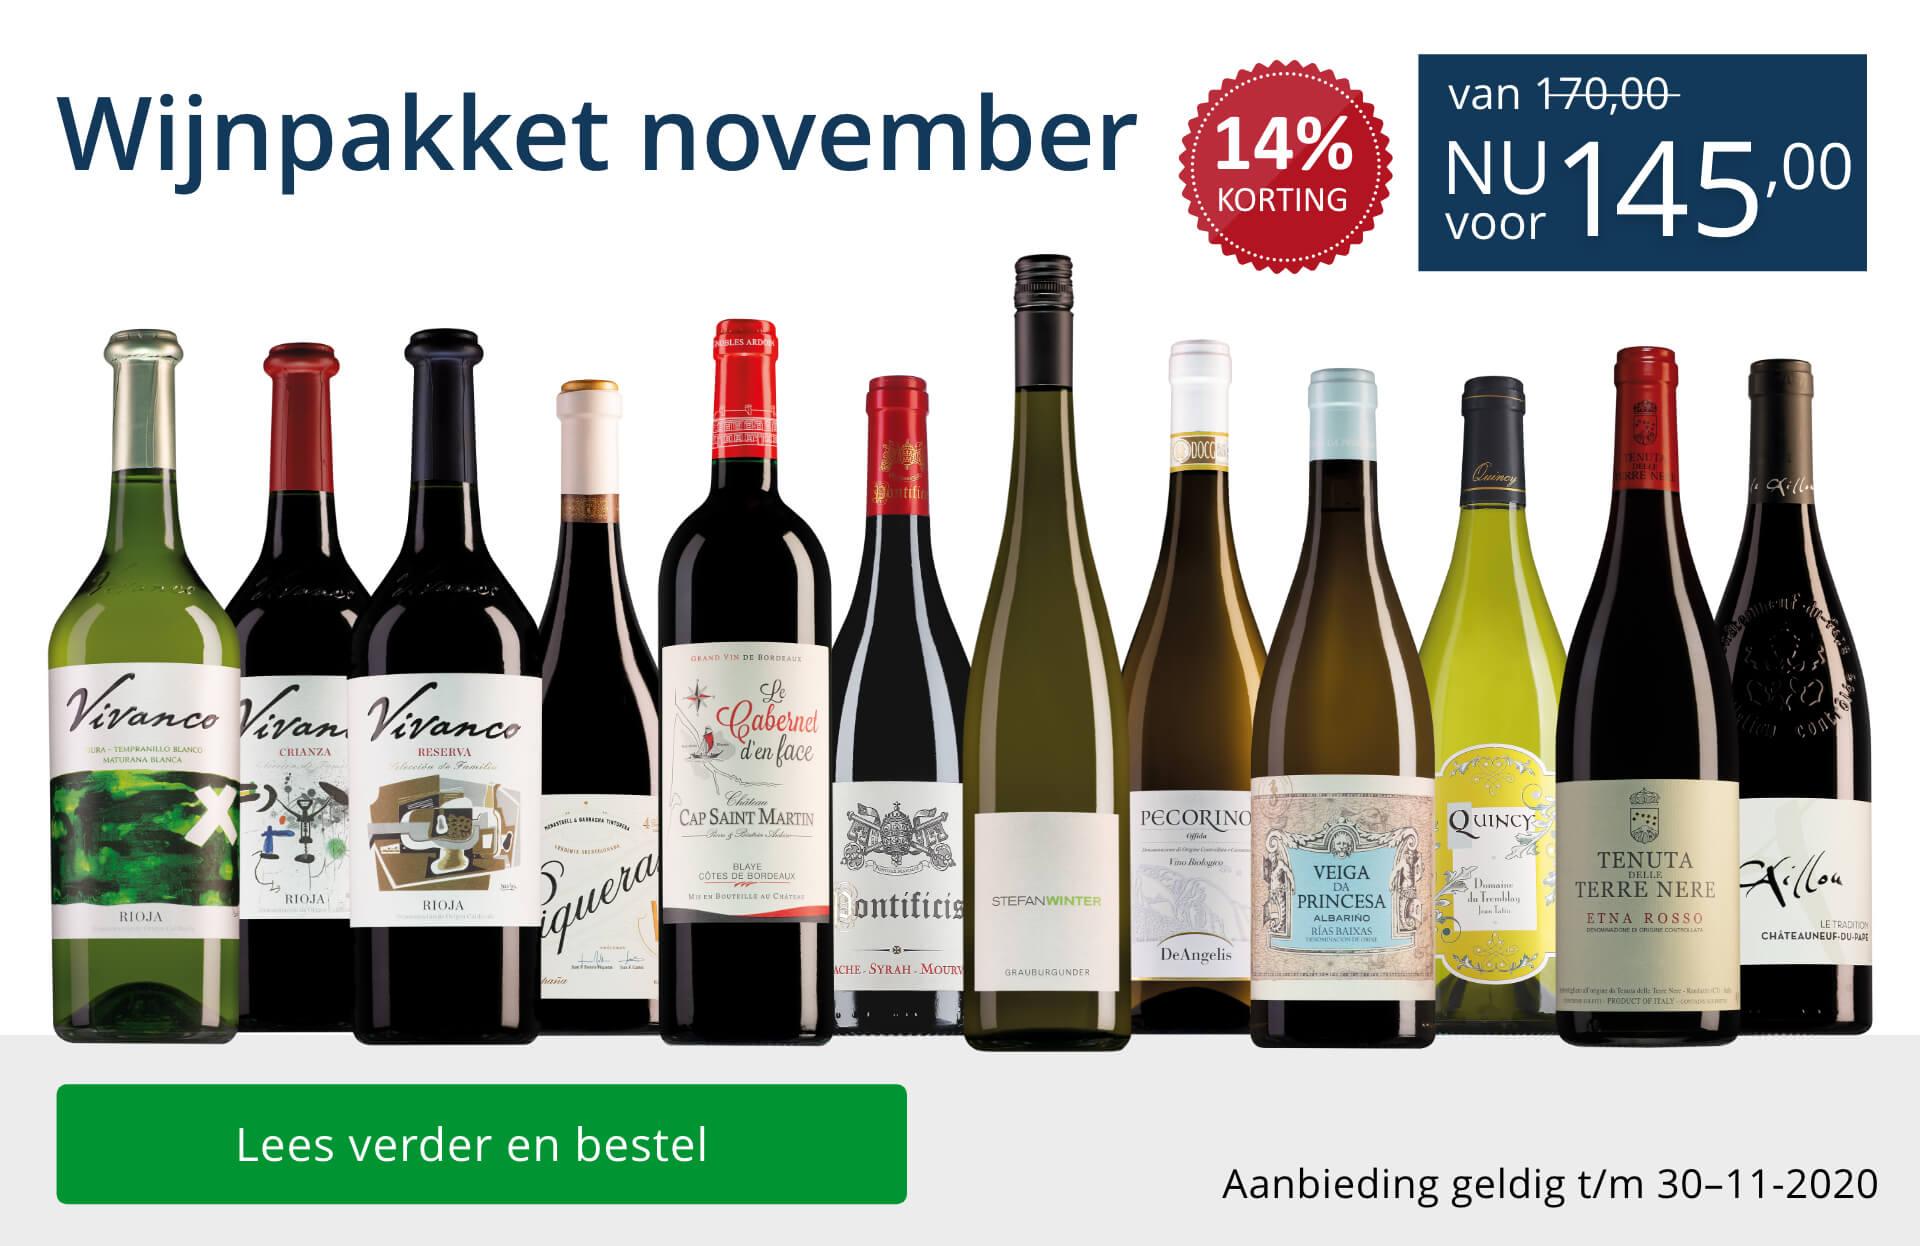 Wijnpakket wijnbericht november 2020(145,00)-blauw